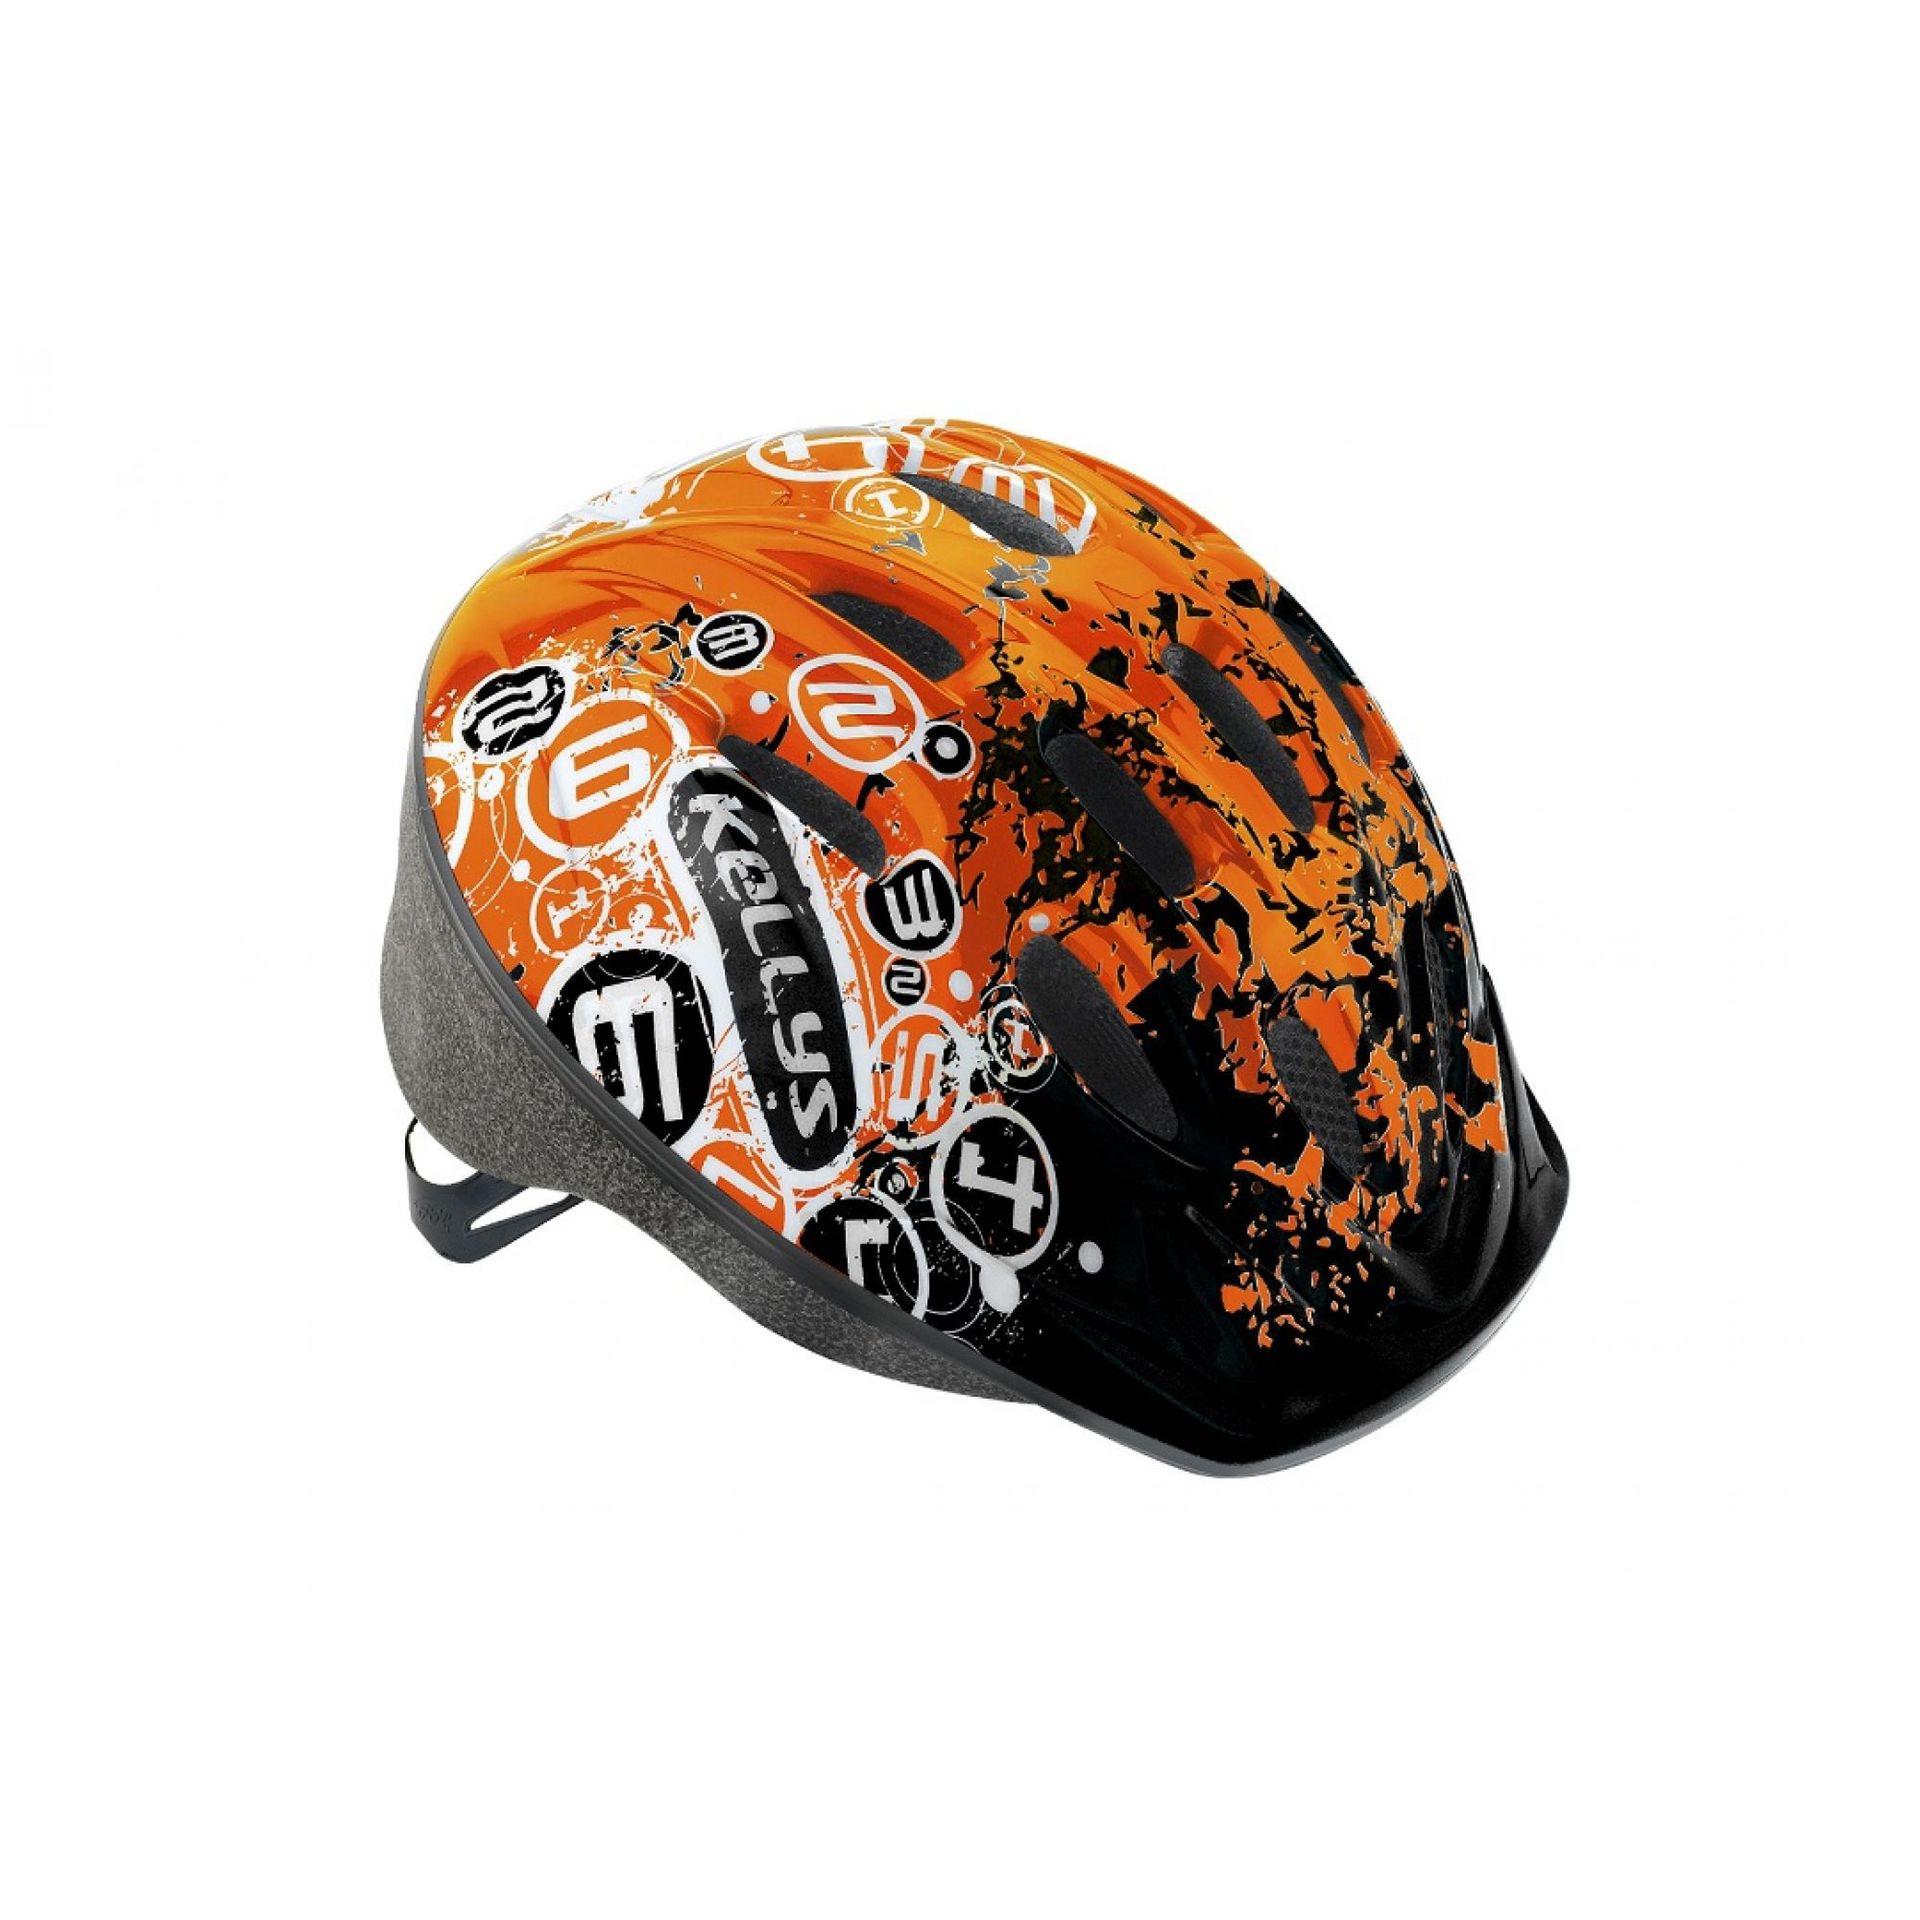 Kask rowerowy Kellys Mark pomarańczowy